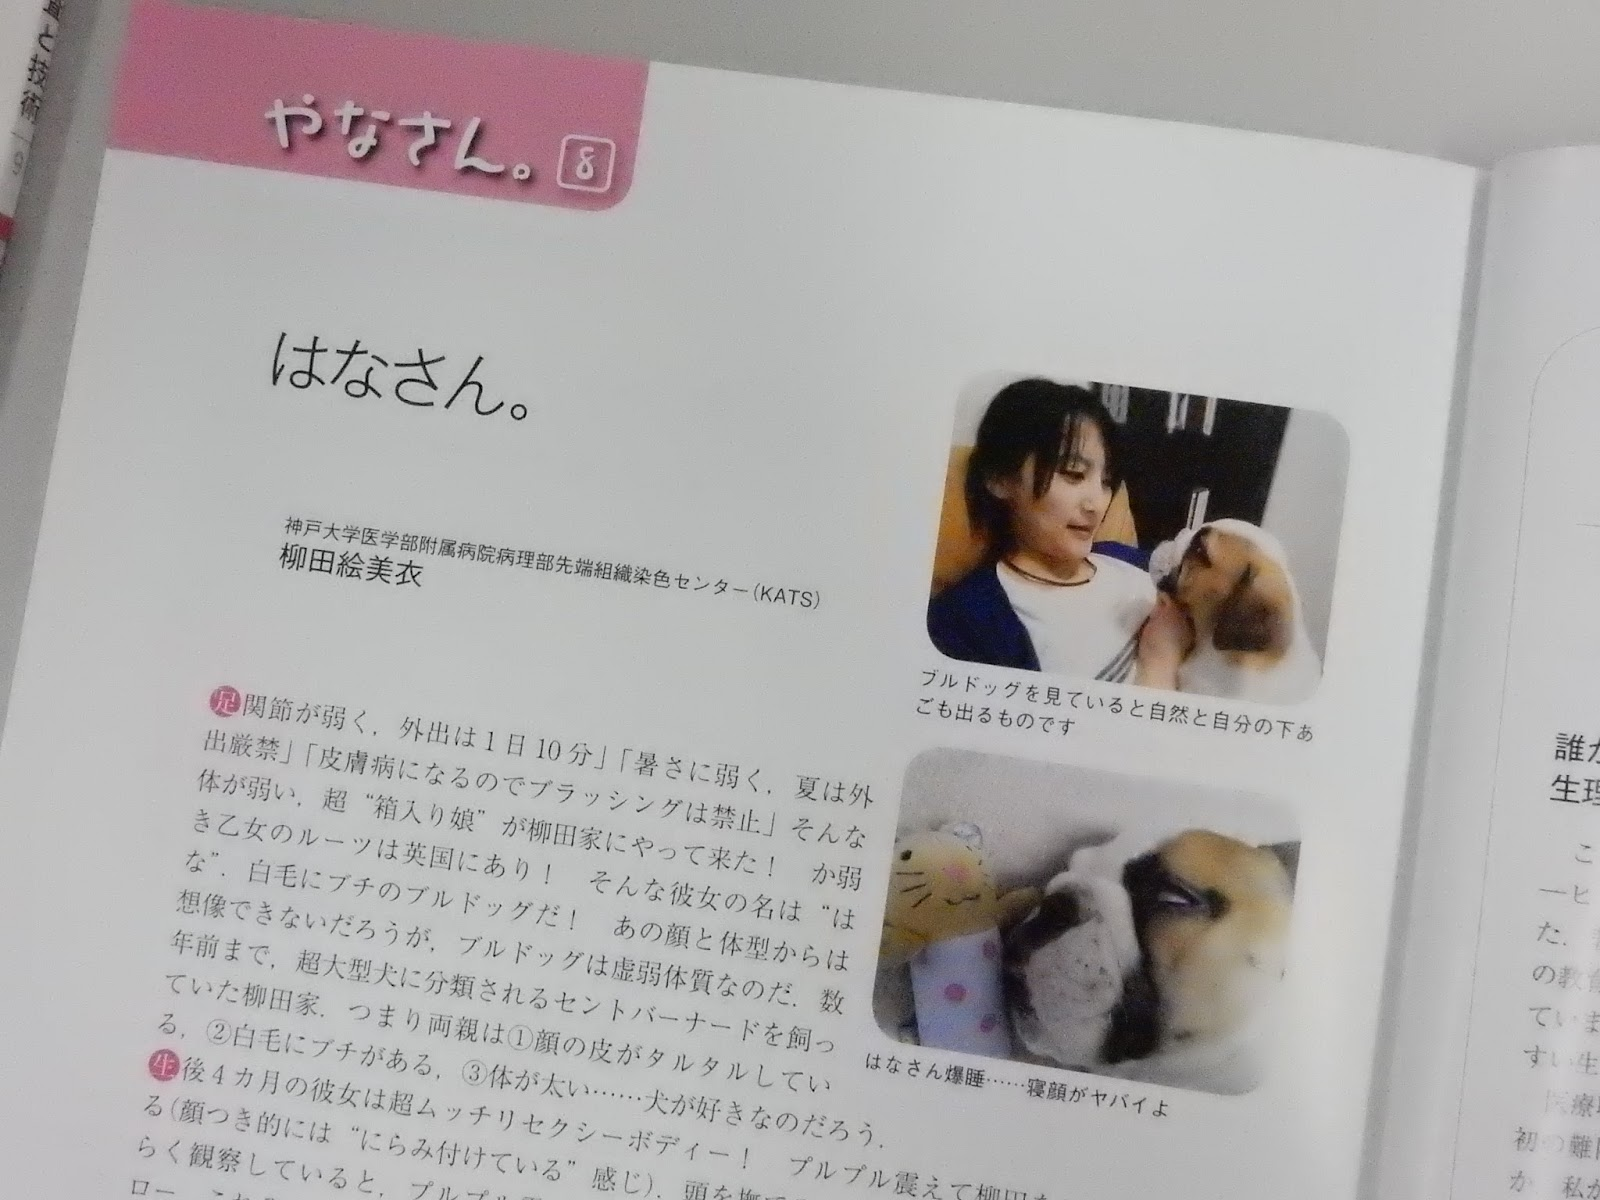 柳田 絵美 衣 大学院